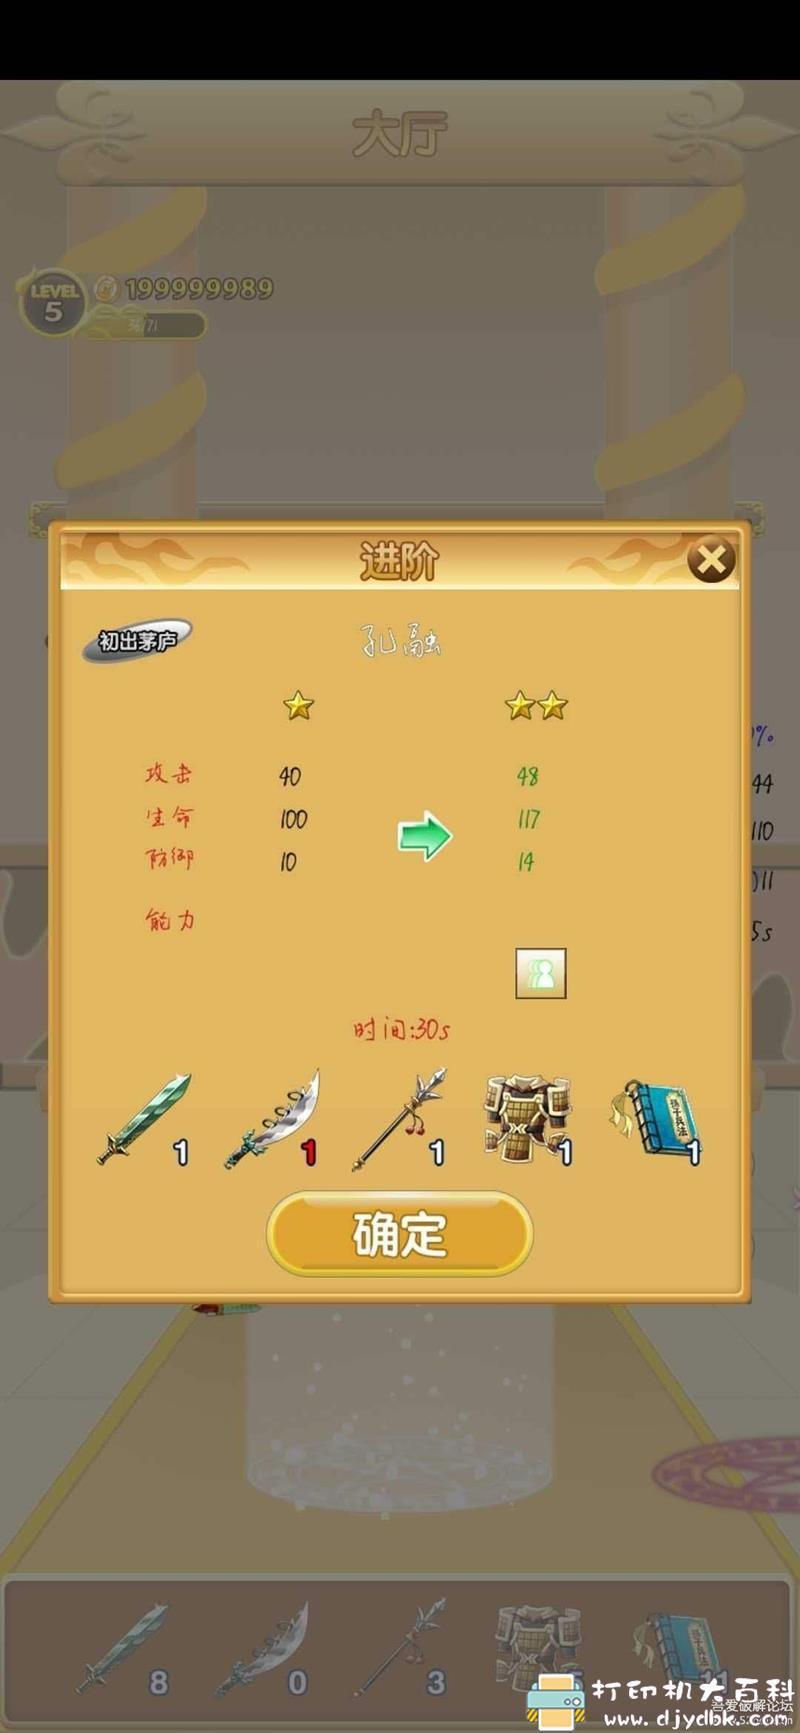 安卓游戏分享:三国冲冲冲1.5.1 免广告大量金币图片 No.2